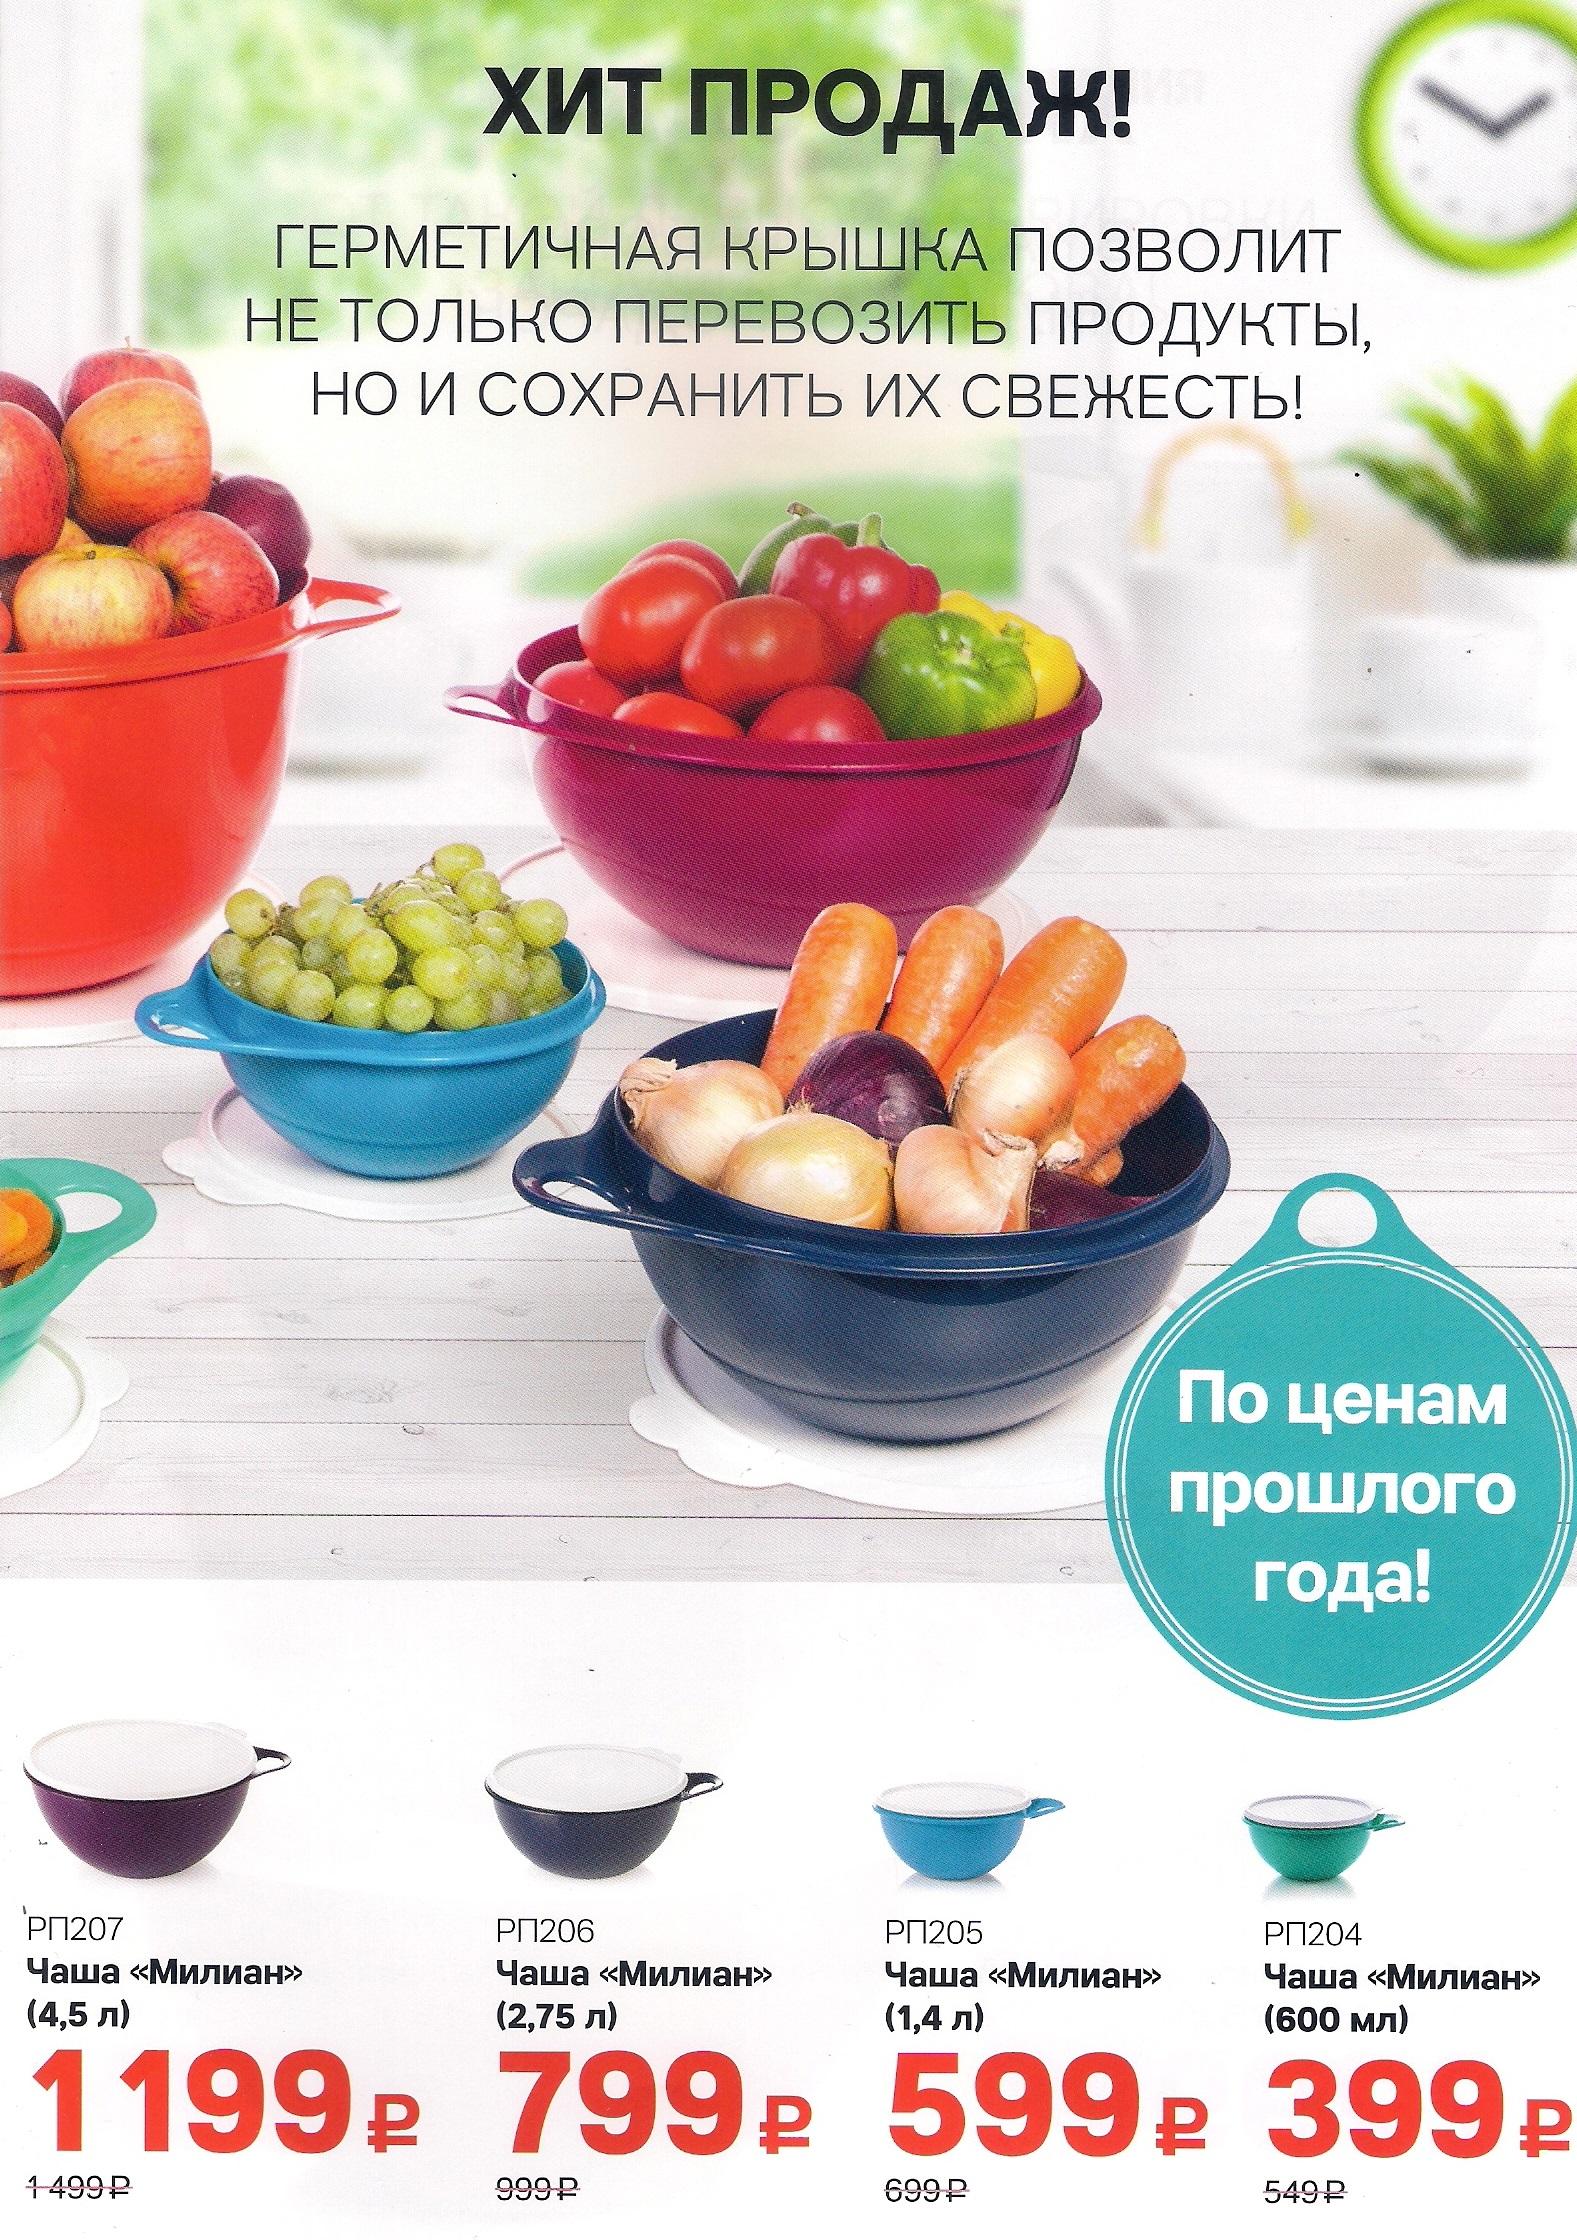 http://tupperware-online.ru/images/upload/3n.jpg